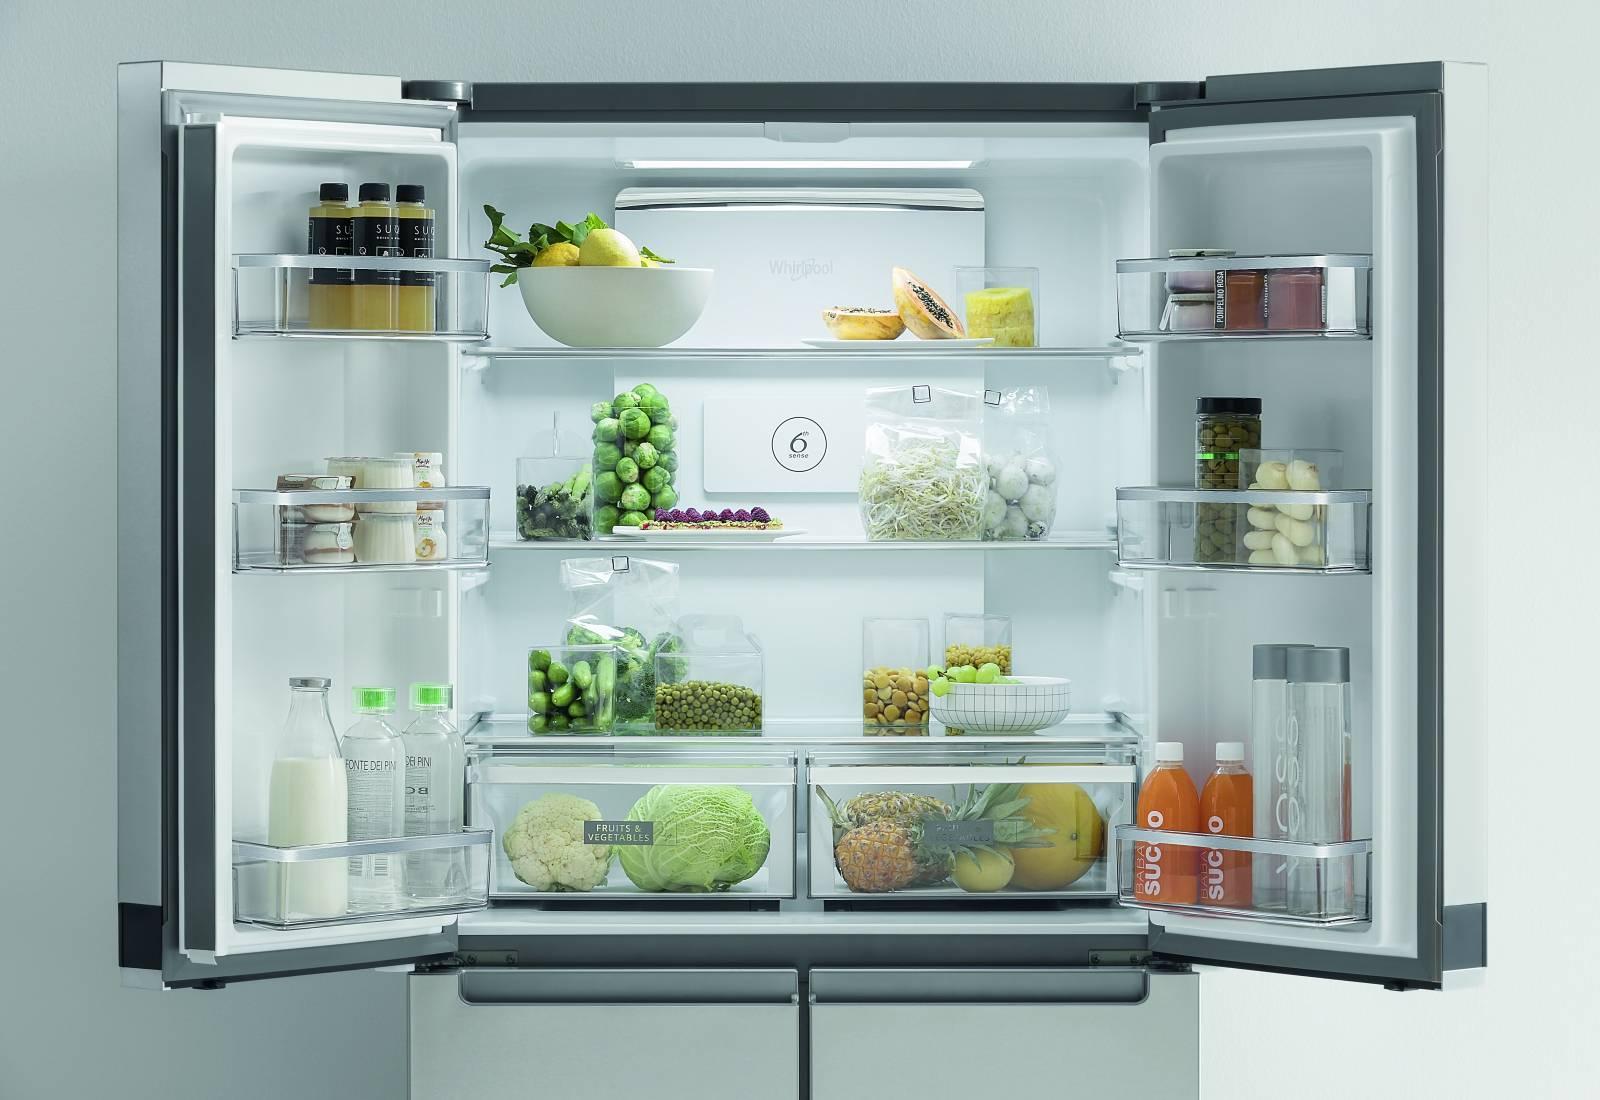 Immagine Whirlpool, il nuovo frigorifero conserva i cibi freschi più a lungo nel modo più naturale 2